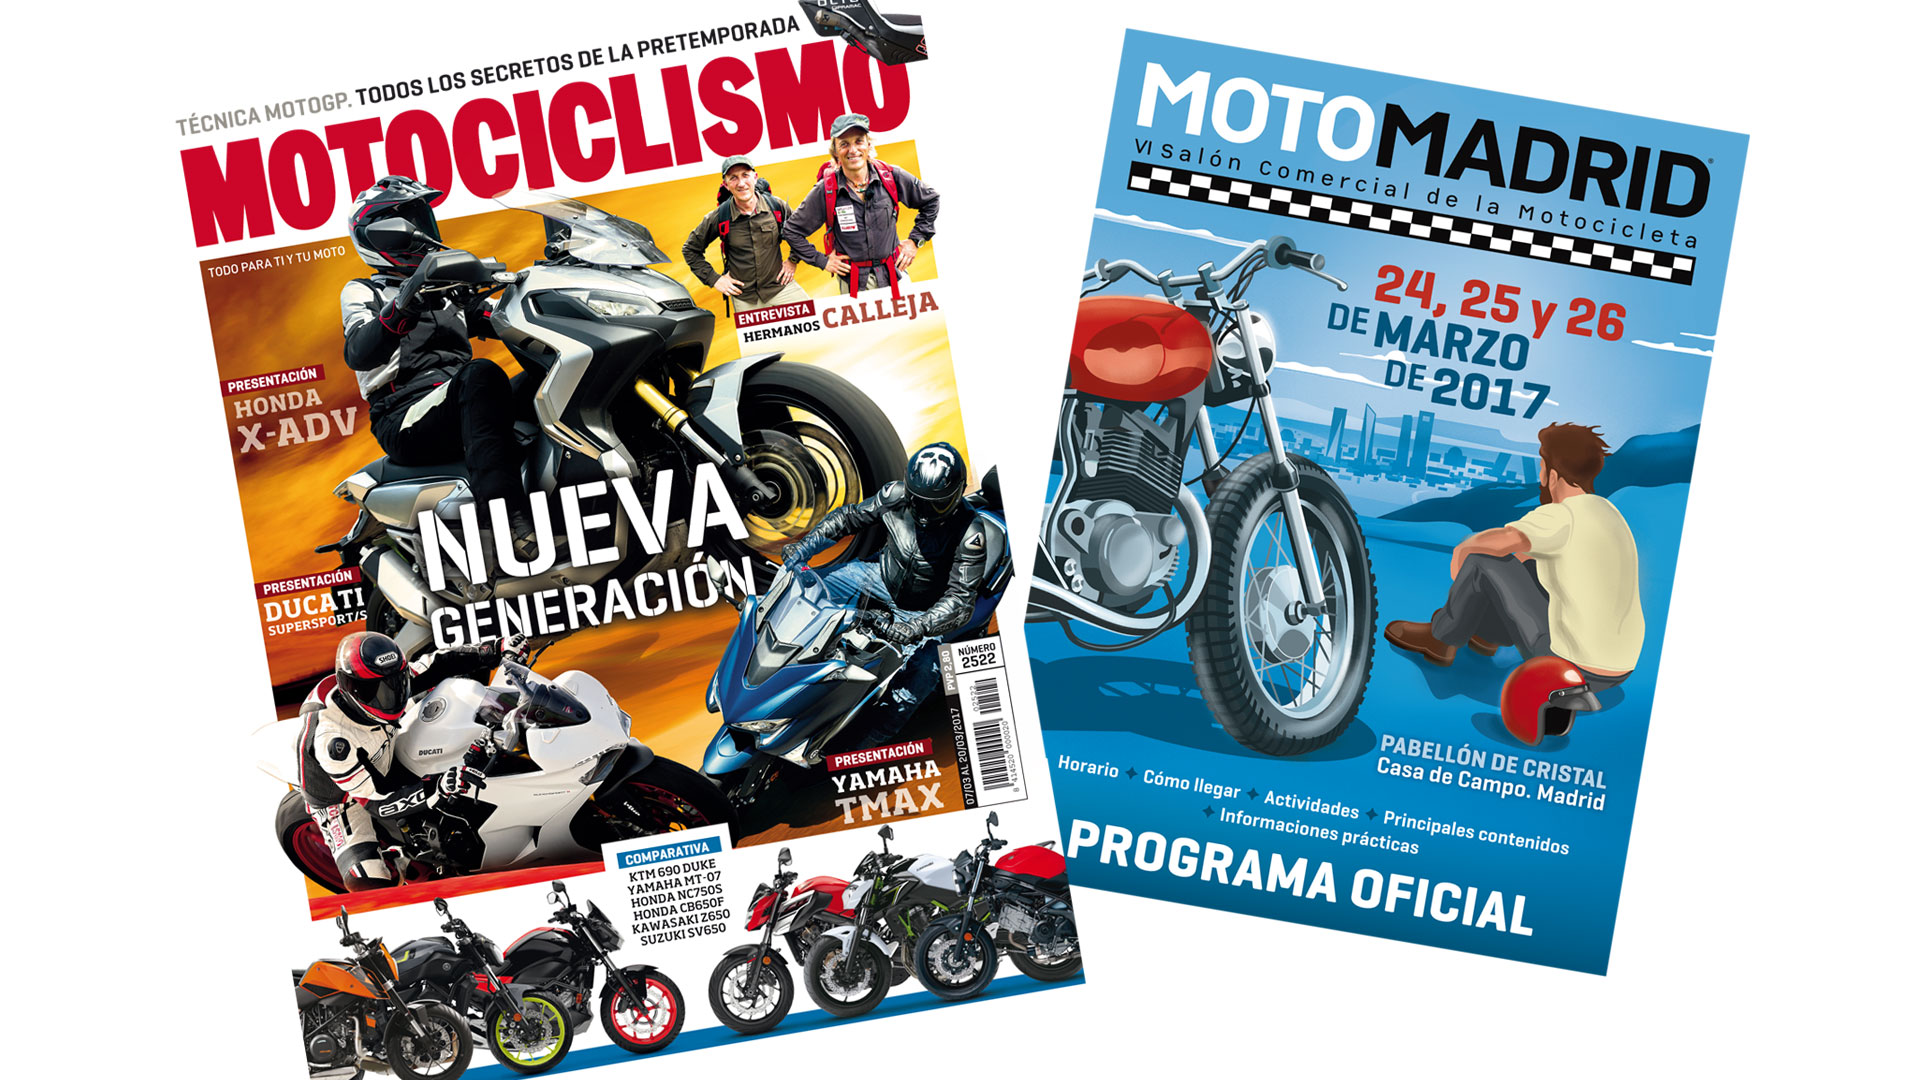 Nueva generación de motos en MOTOCICLISMO